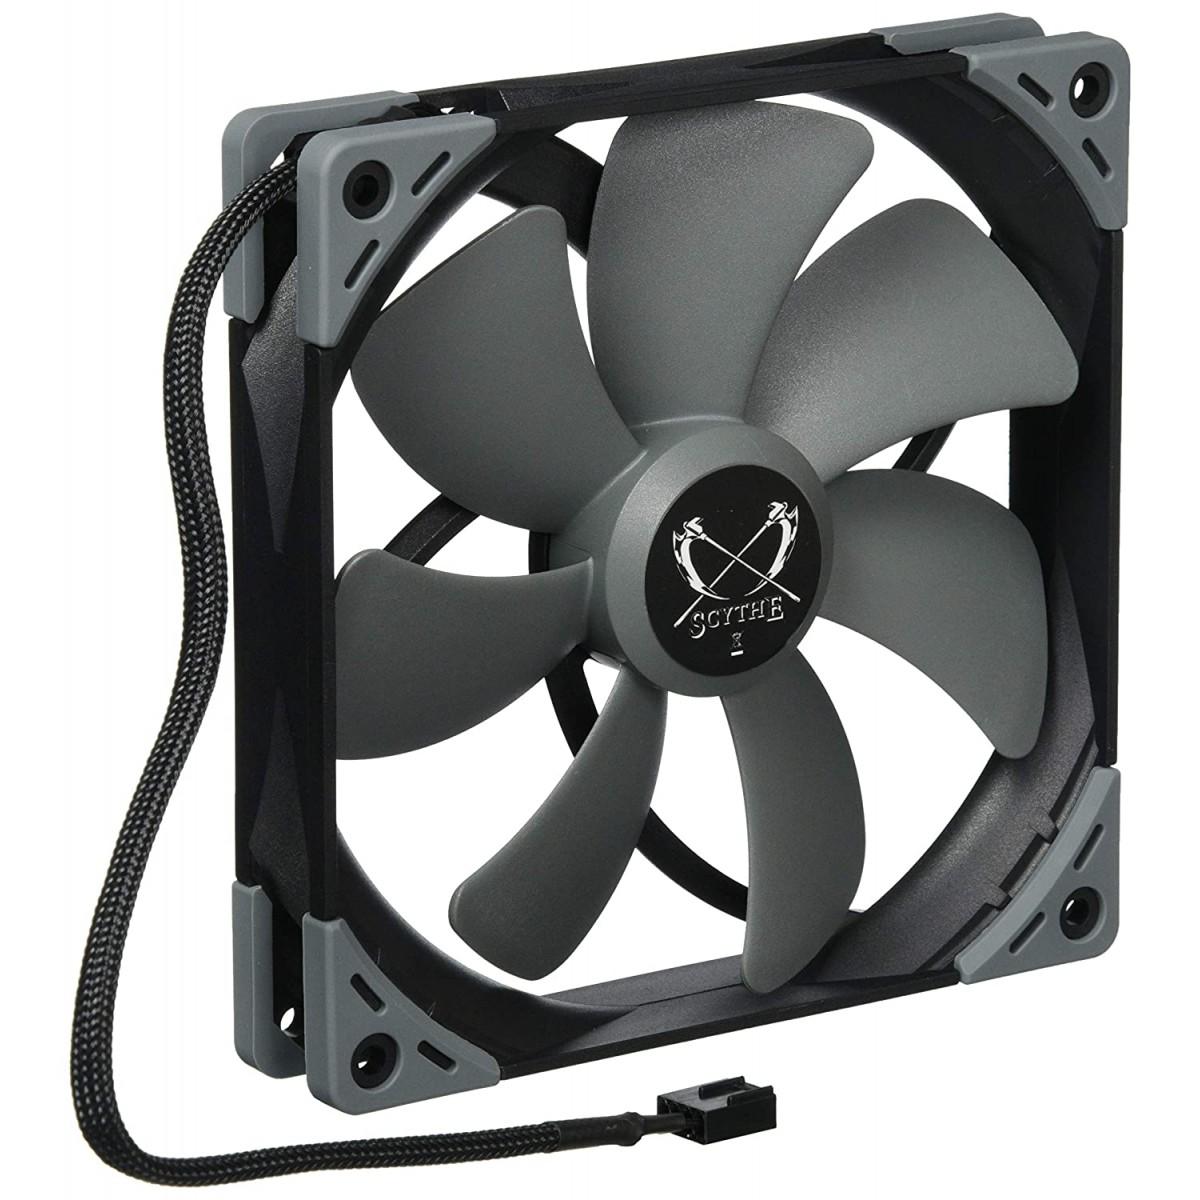 Cooler para Gabinete Scythe Kaze Flex 140, 140mm 1800 RPM, KF1425FD18S-P